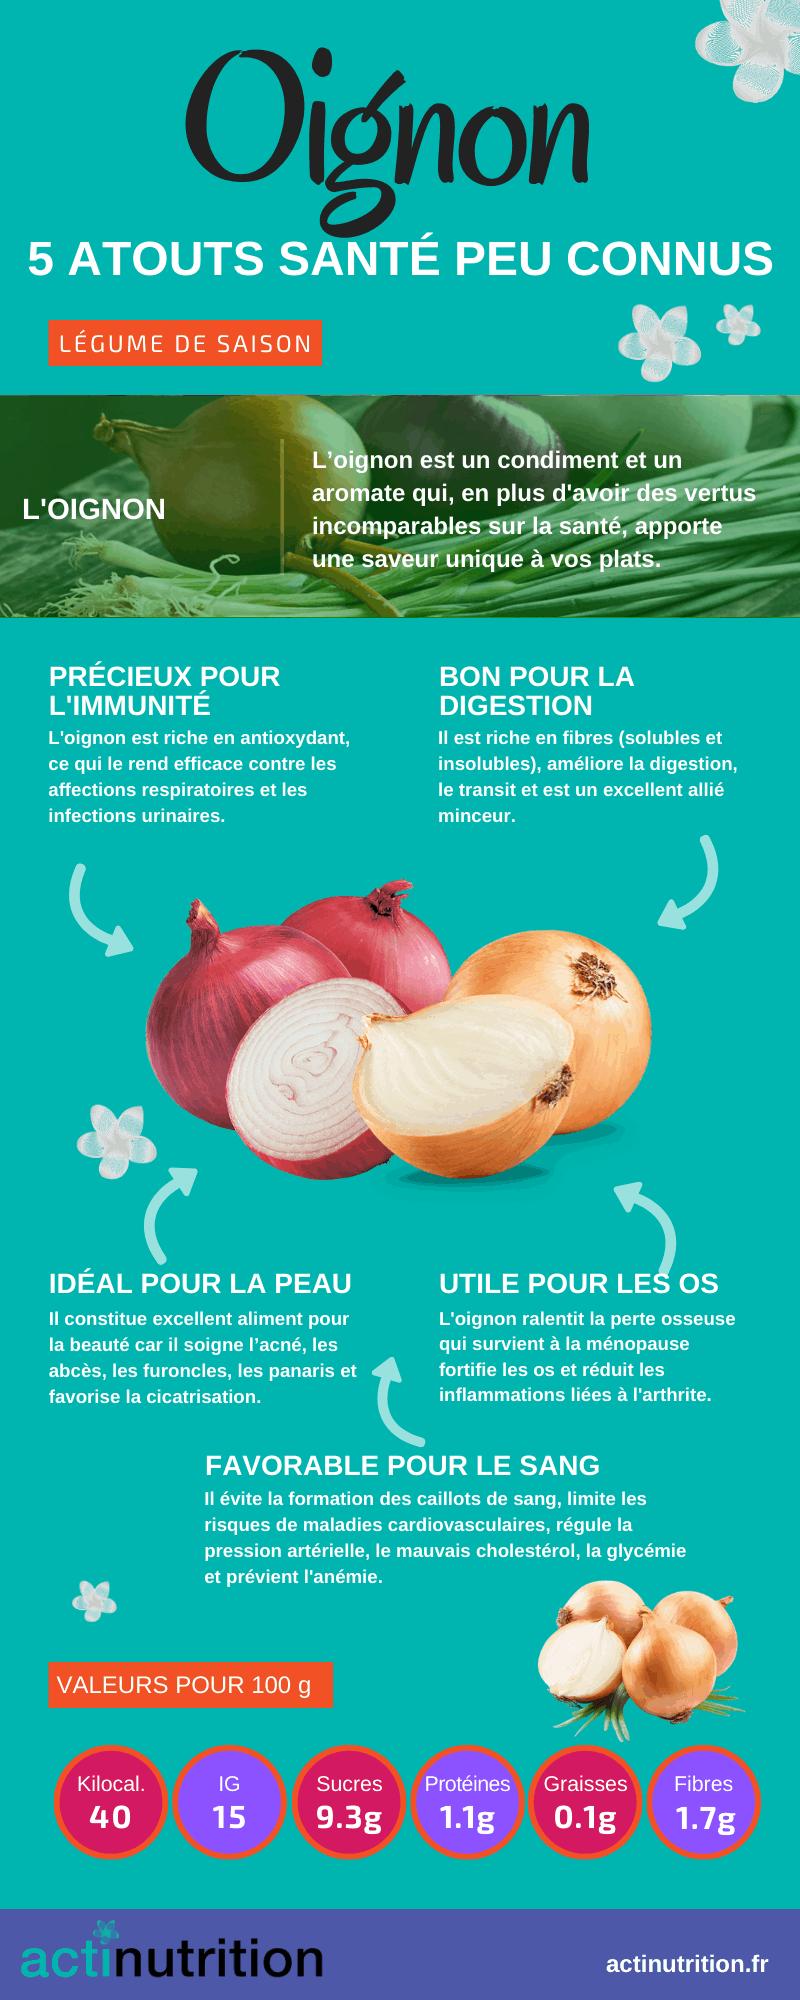 L'infographie sur les vertus de l'oignon